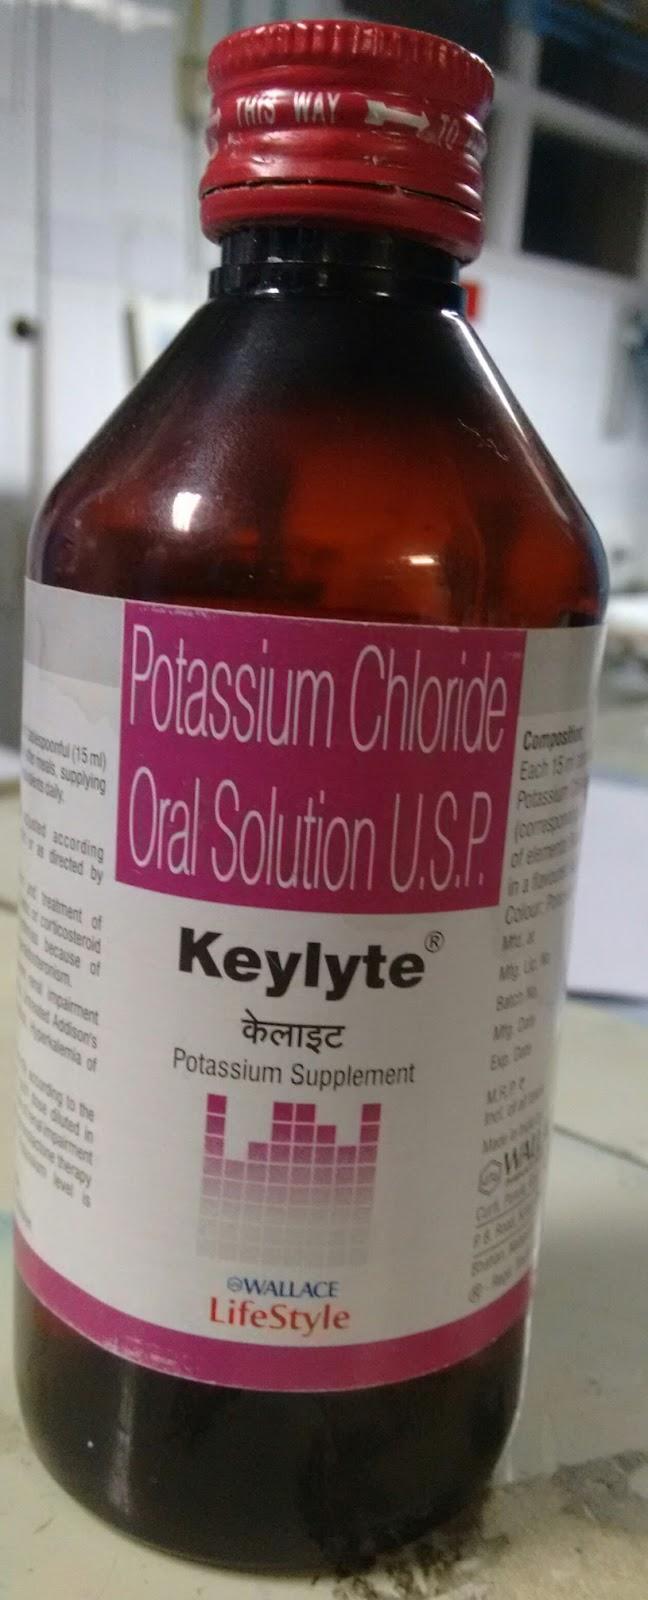 how to get potassium chloride